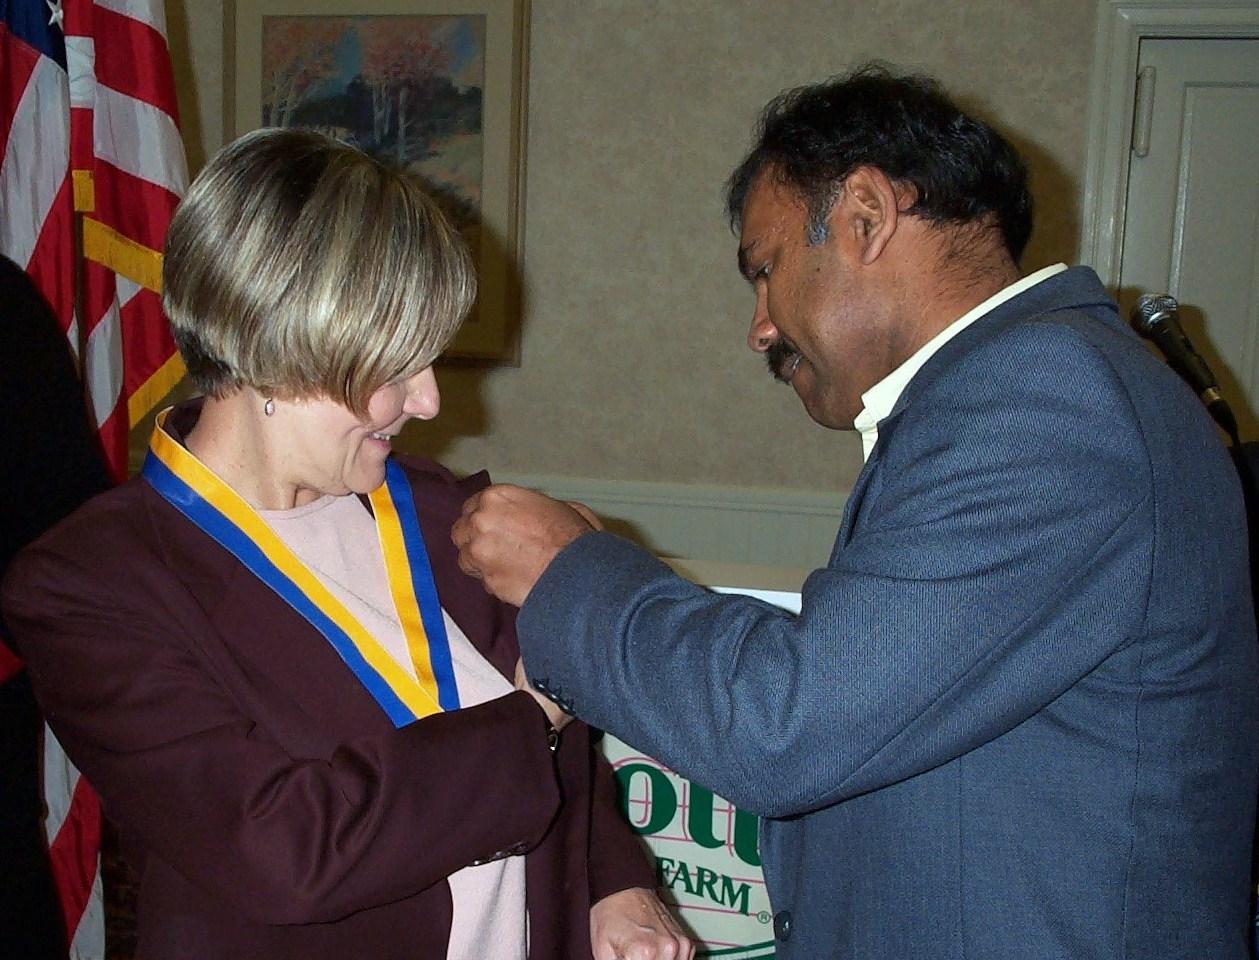 Web Shailesh Gives Pin to Shailesh Shah pins Citizen of the year Donna Miller 003.JPG